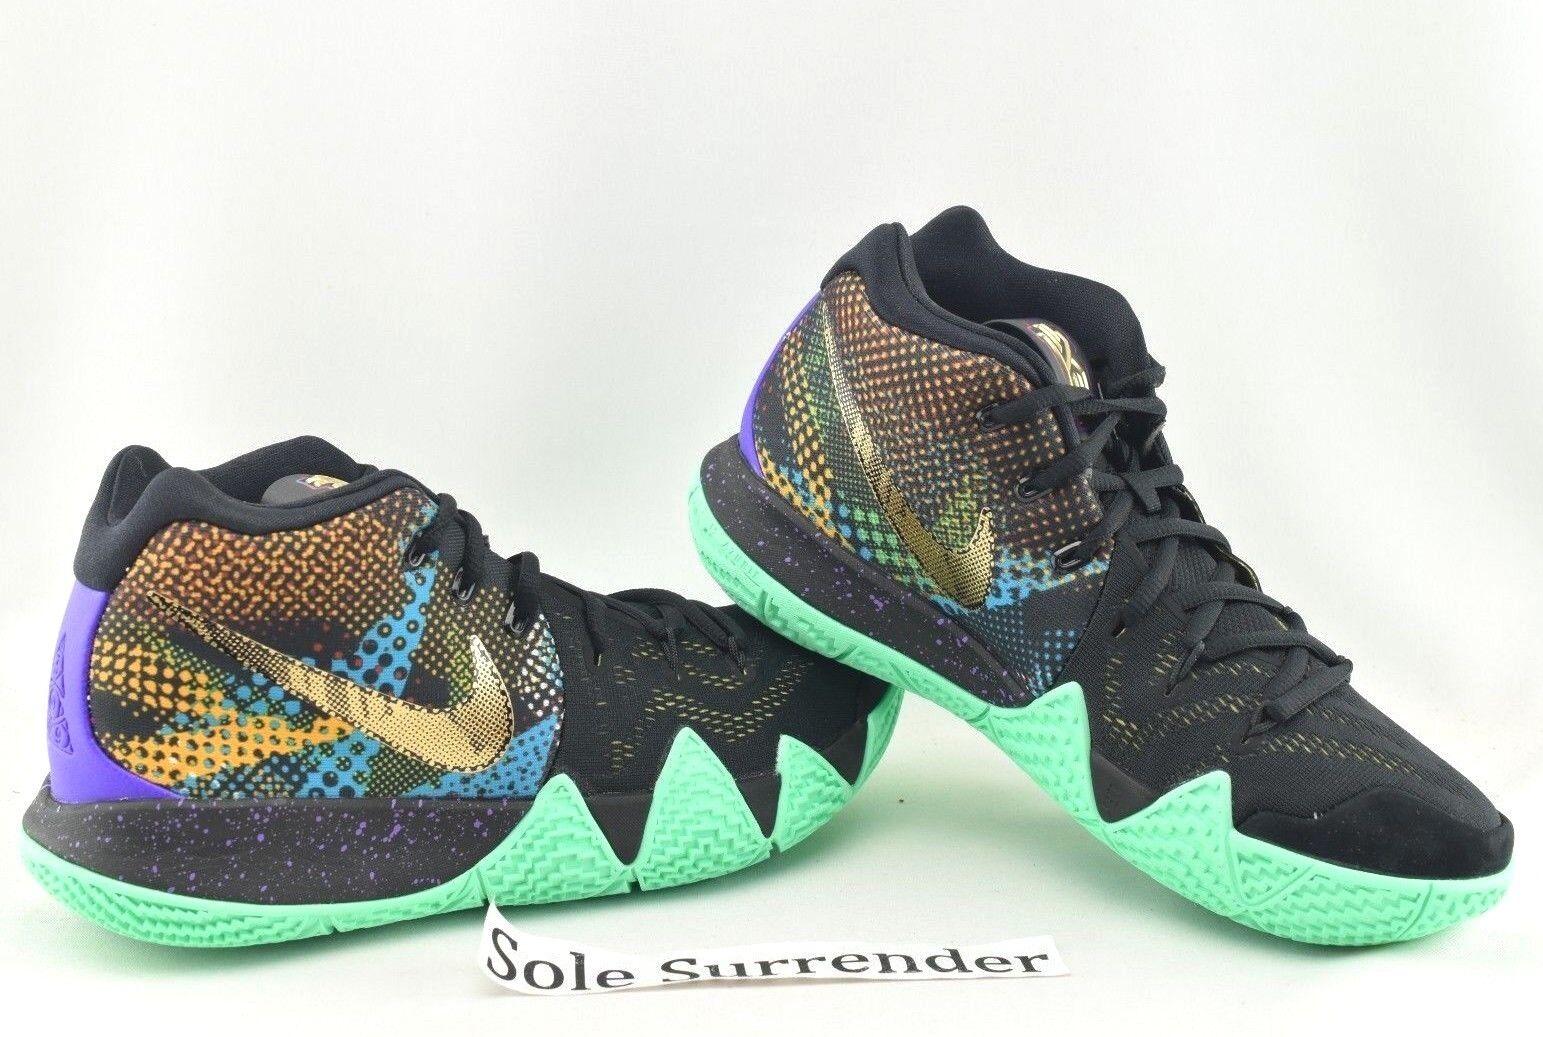 Nike kyrie 4 mamba Uomotalità - scegliere taglia - av2597-001 irving multicolore verde